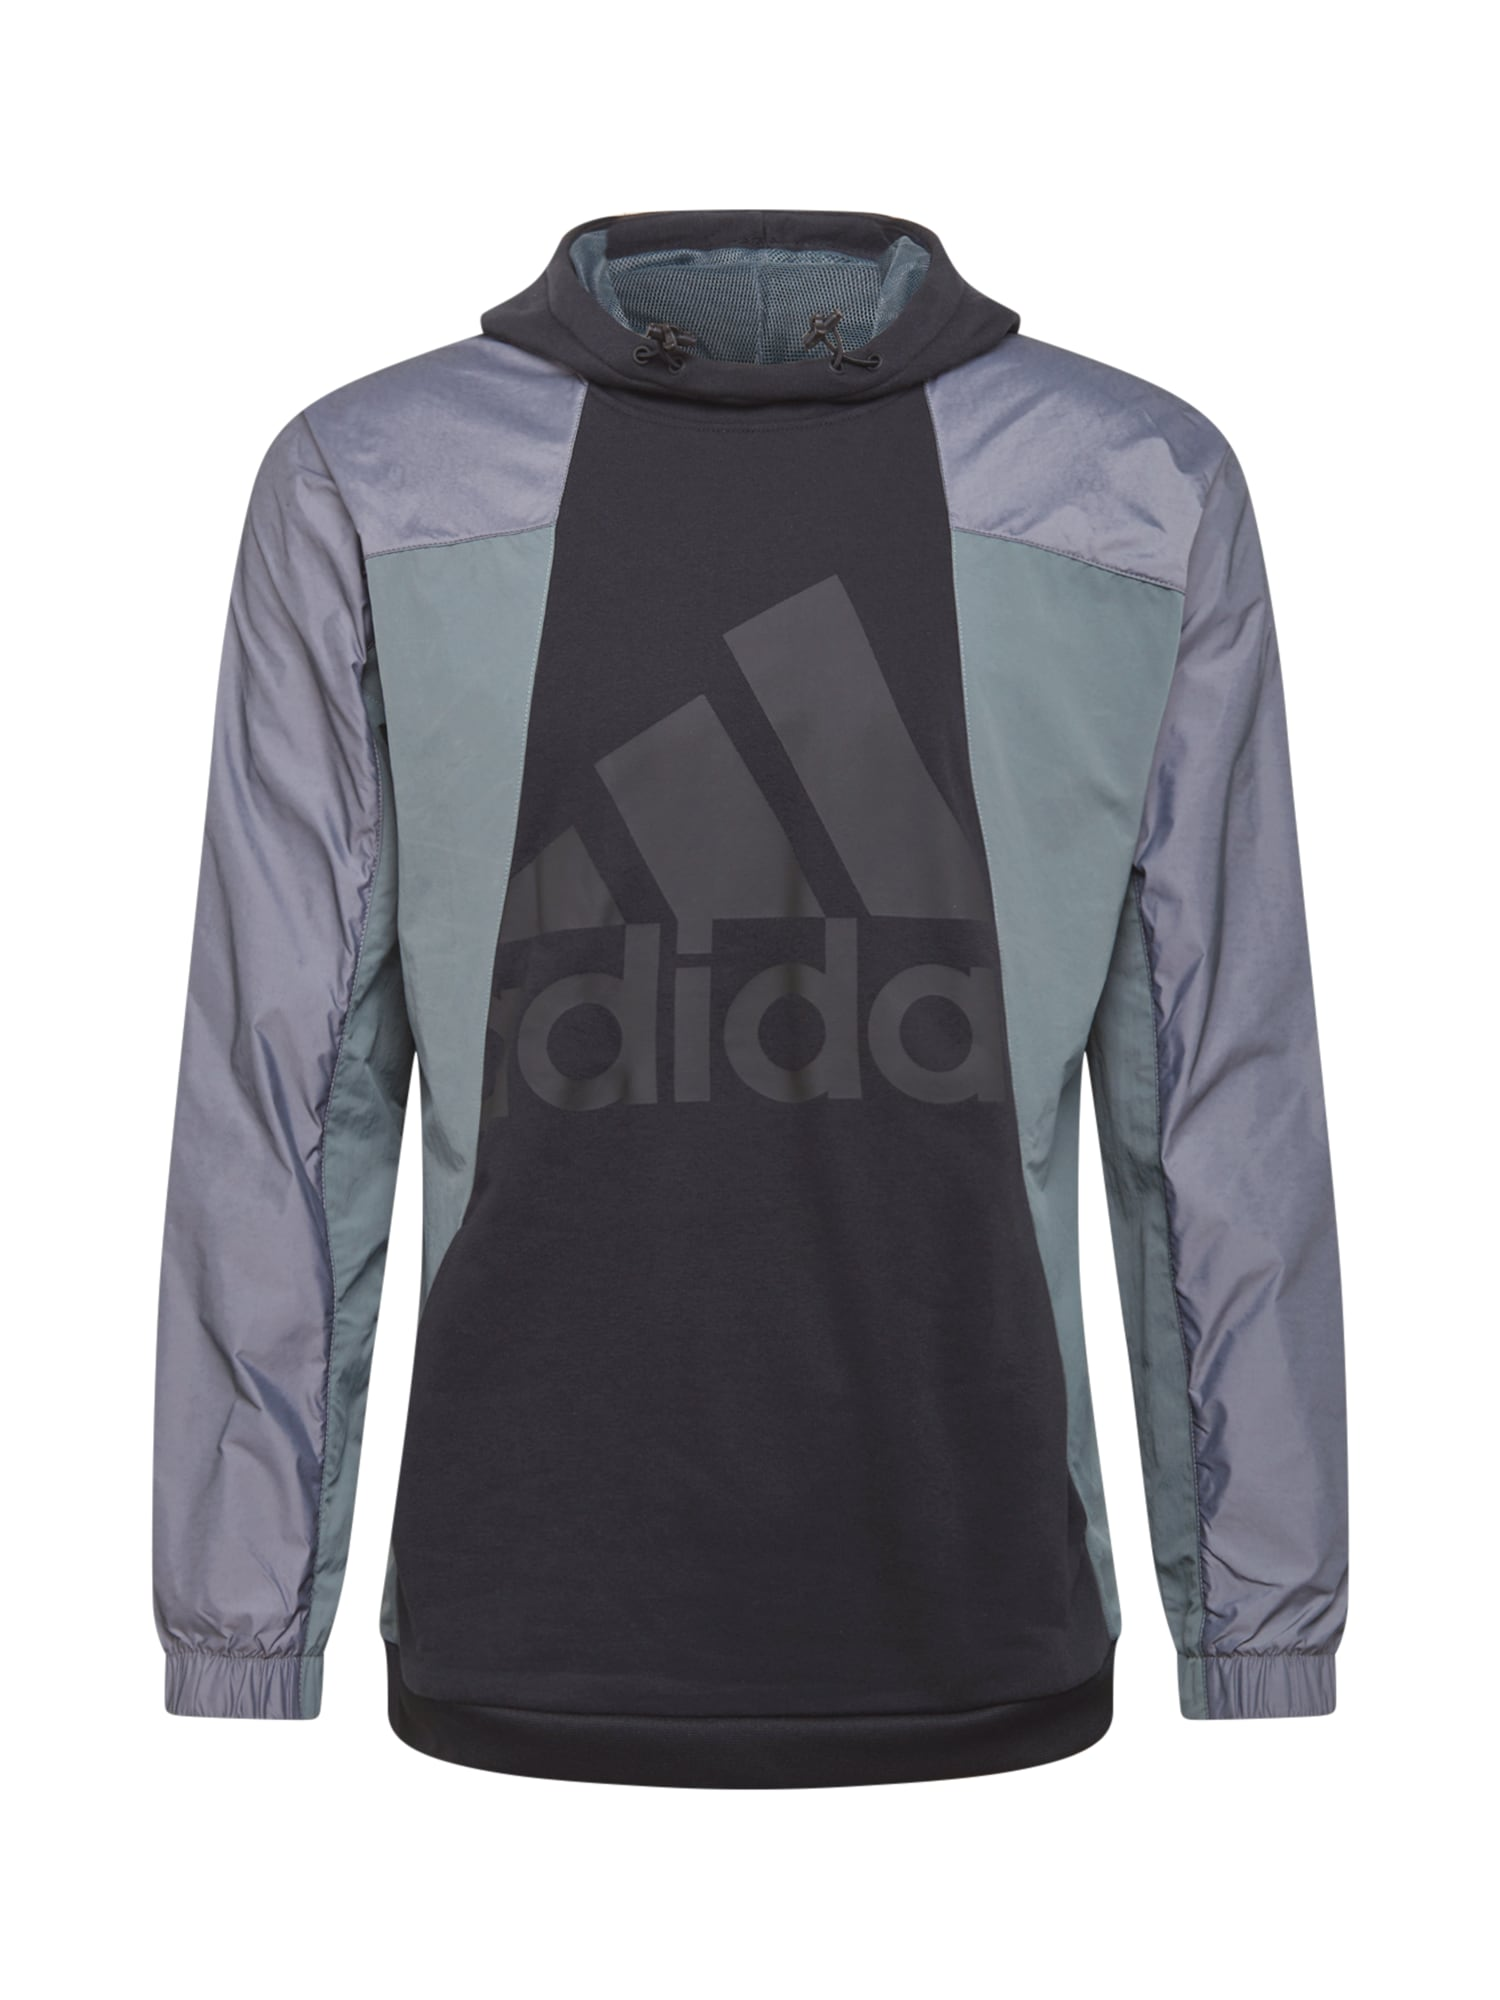 ADIDAS PERFORMANCE Sportinio tipo megztinis juoda / pilka / mėtų spalva